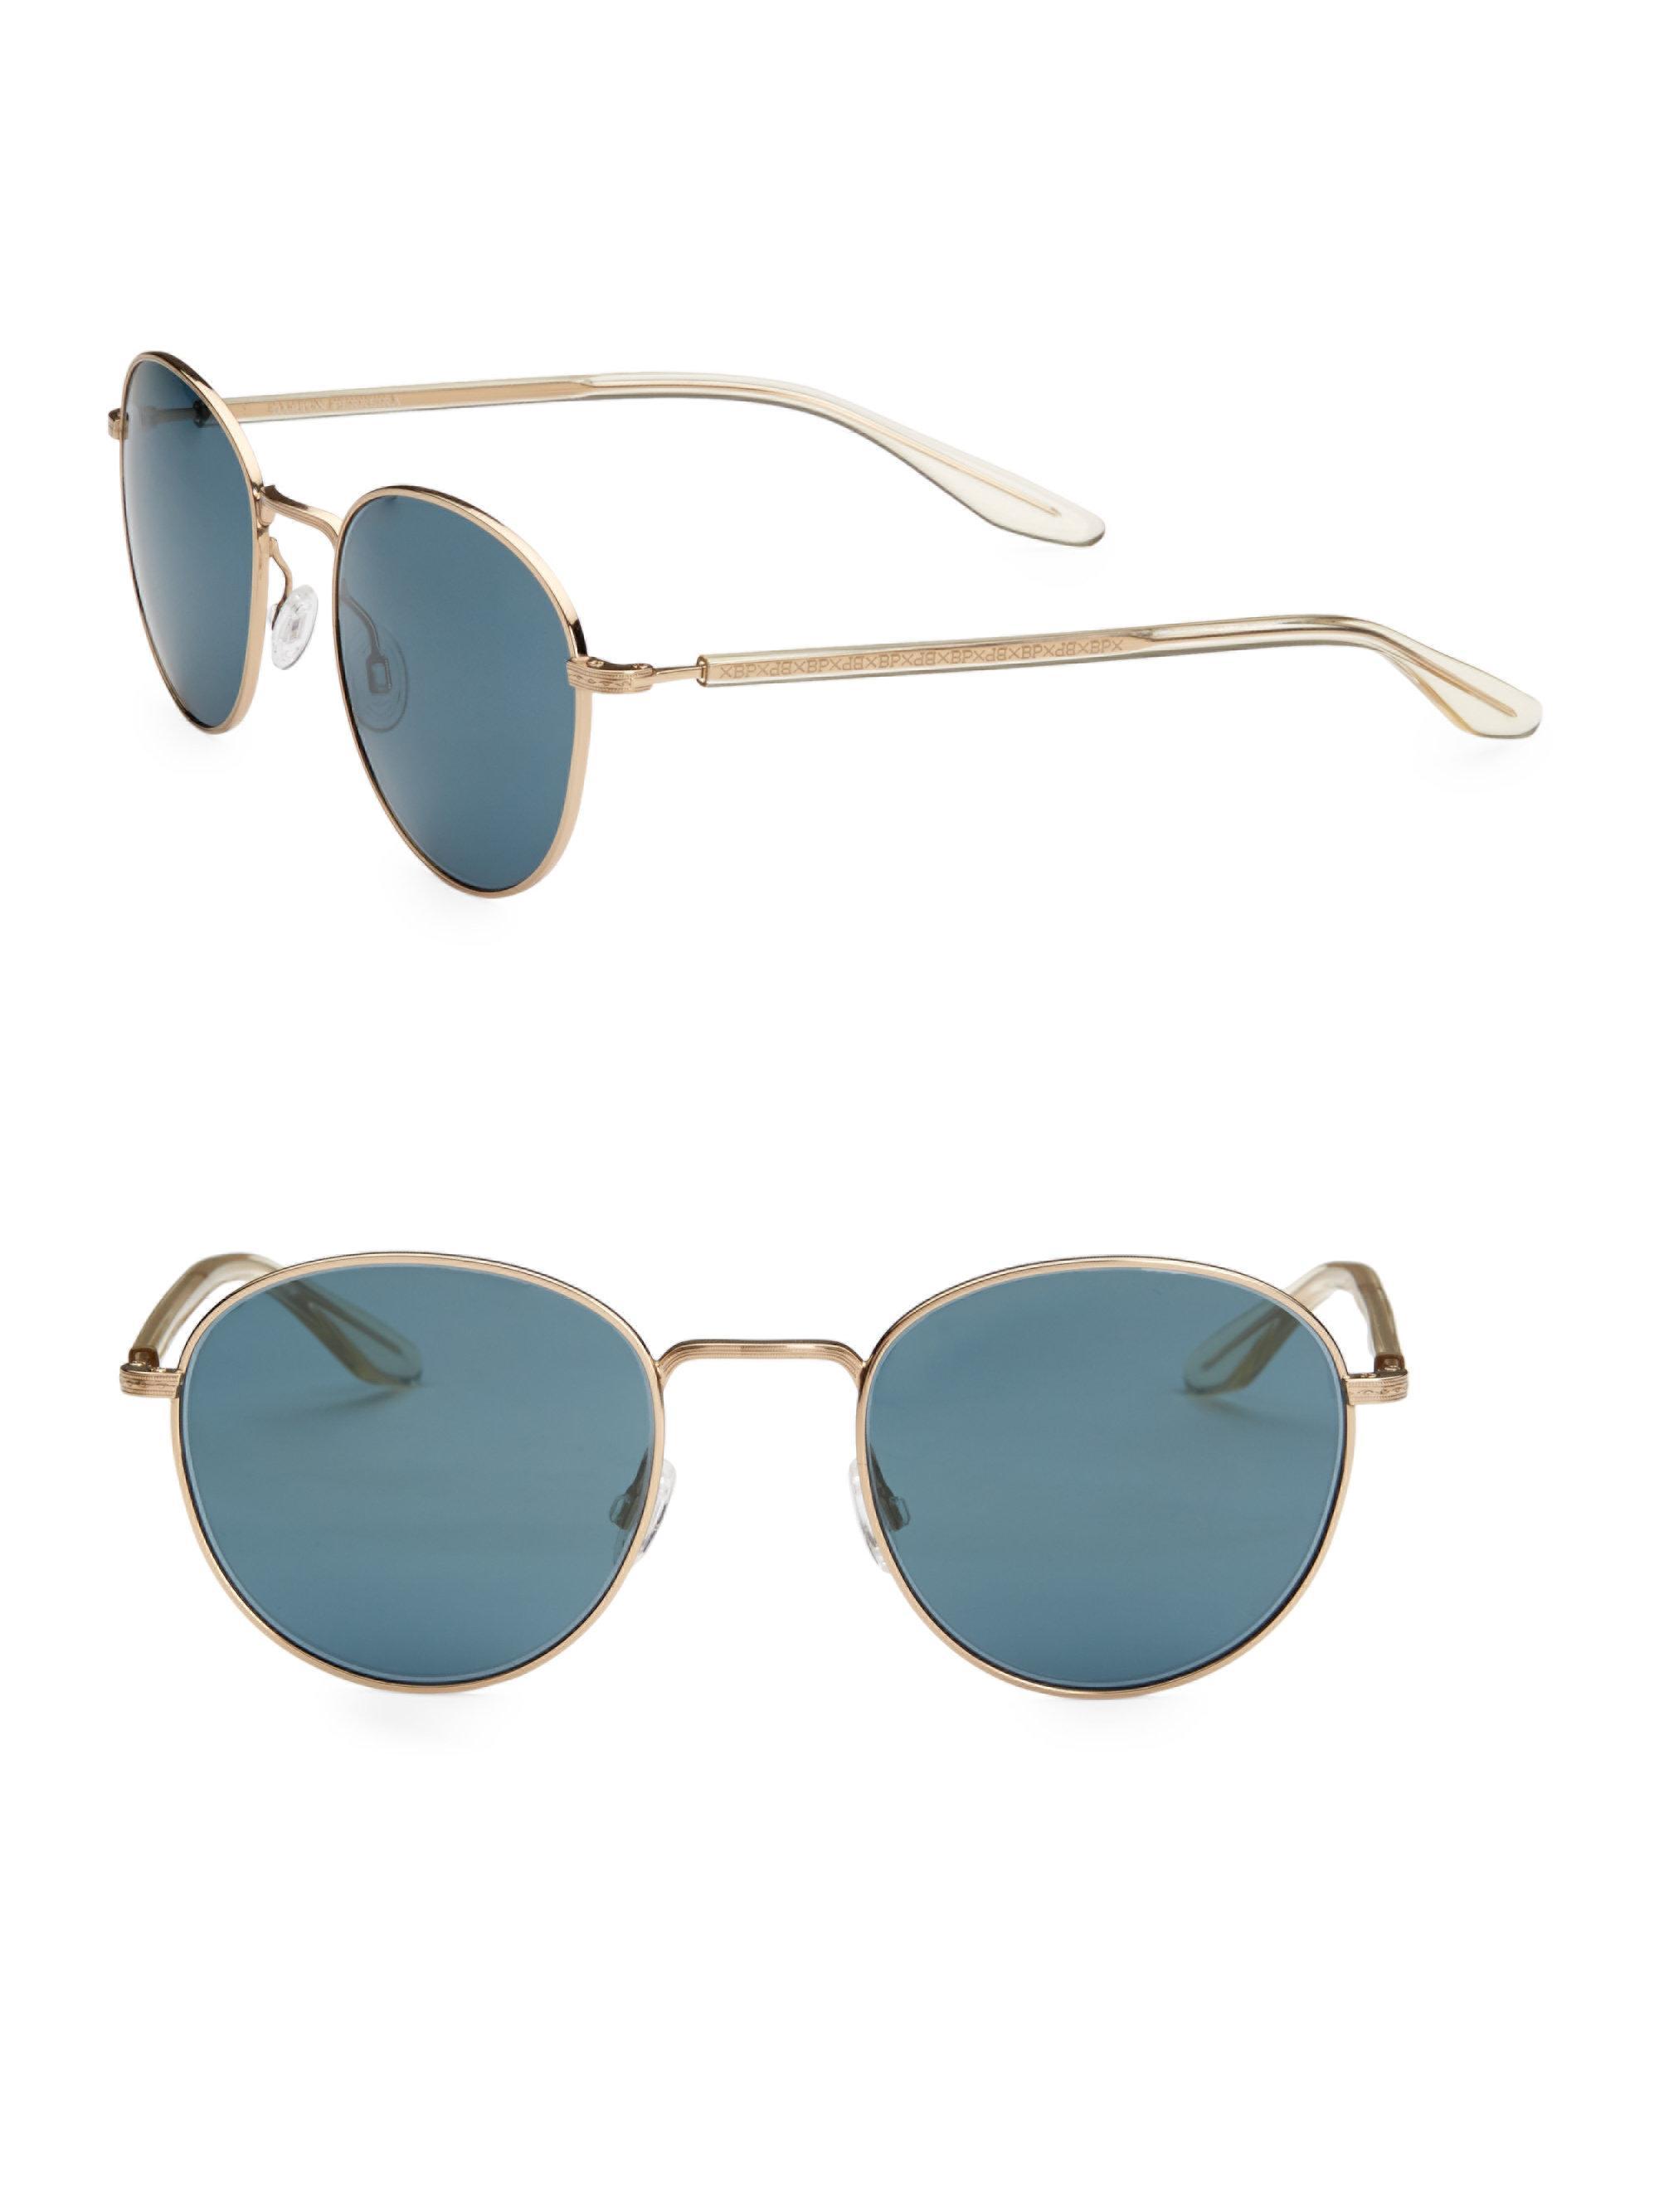 4f82d29e59f9 Barton Perreira. Men s 10-year Anniversary Tudor 52mm Round Sunglasses - Vintage  Blue